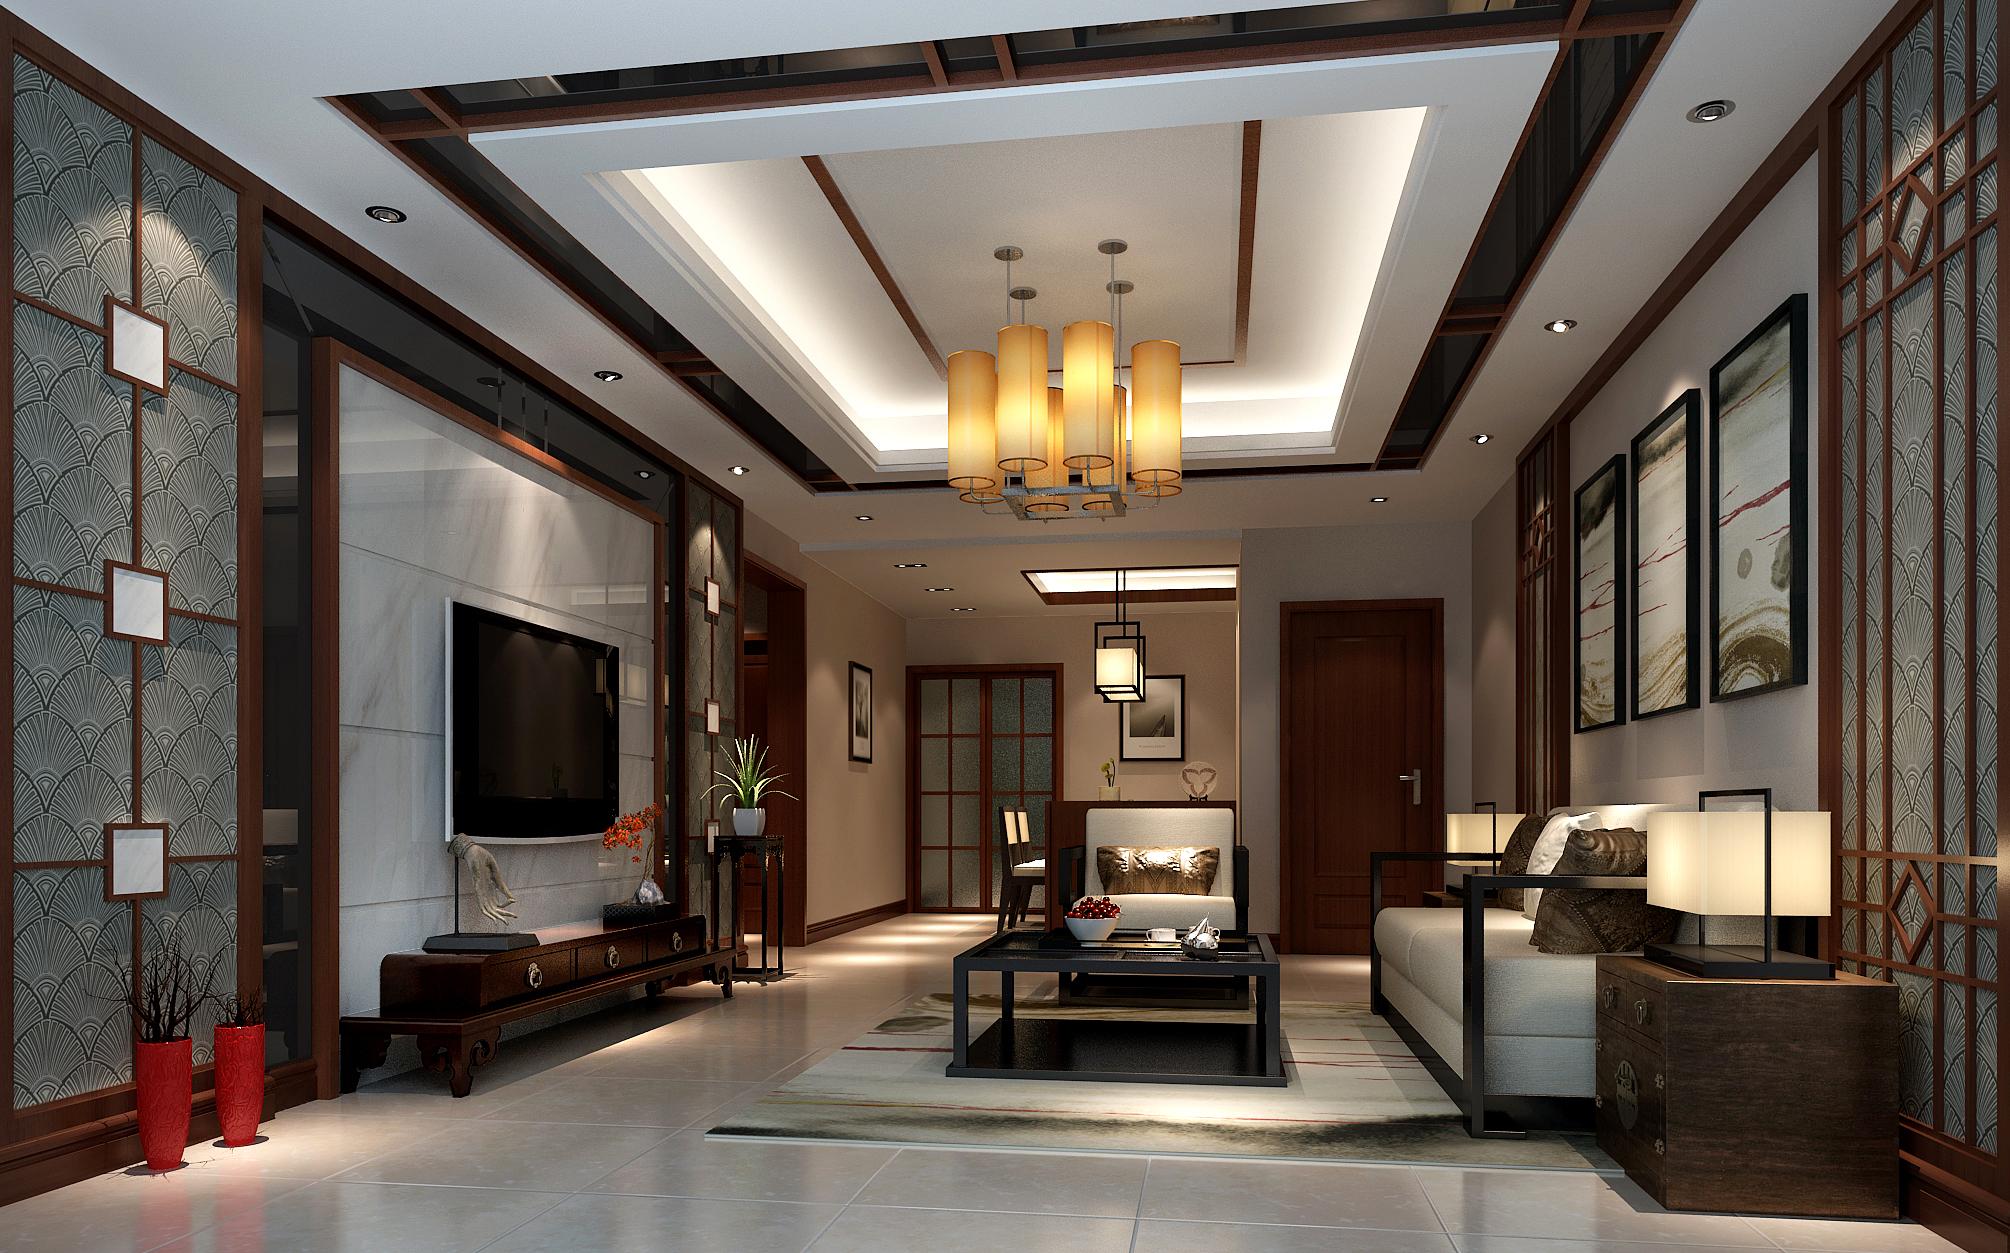 房屋装修效果图设计